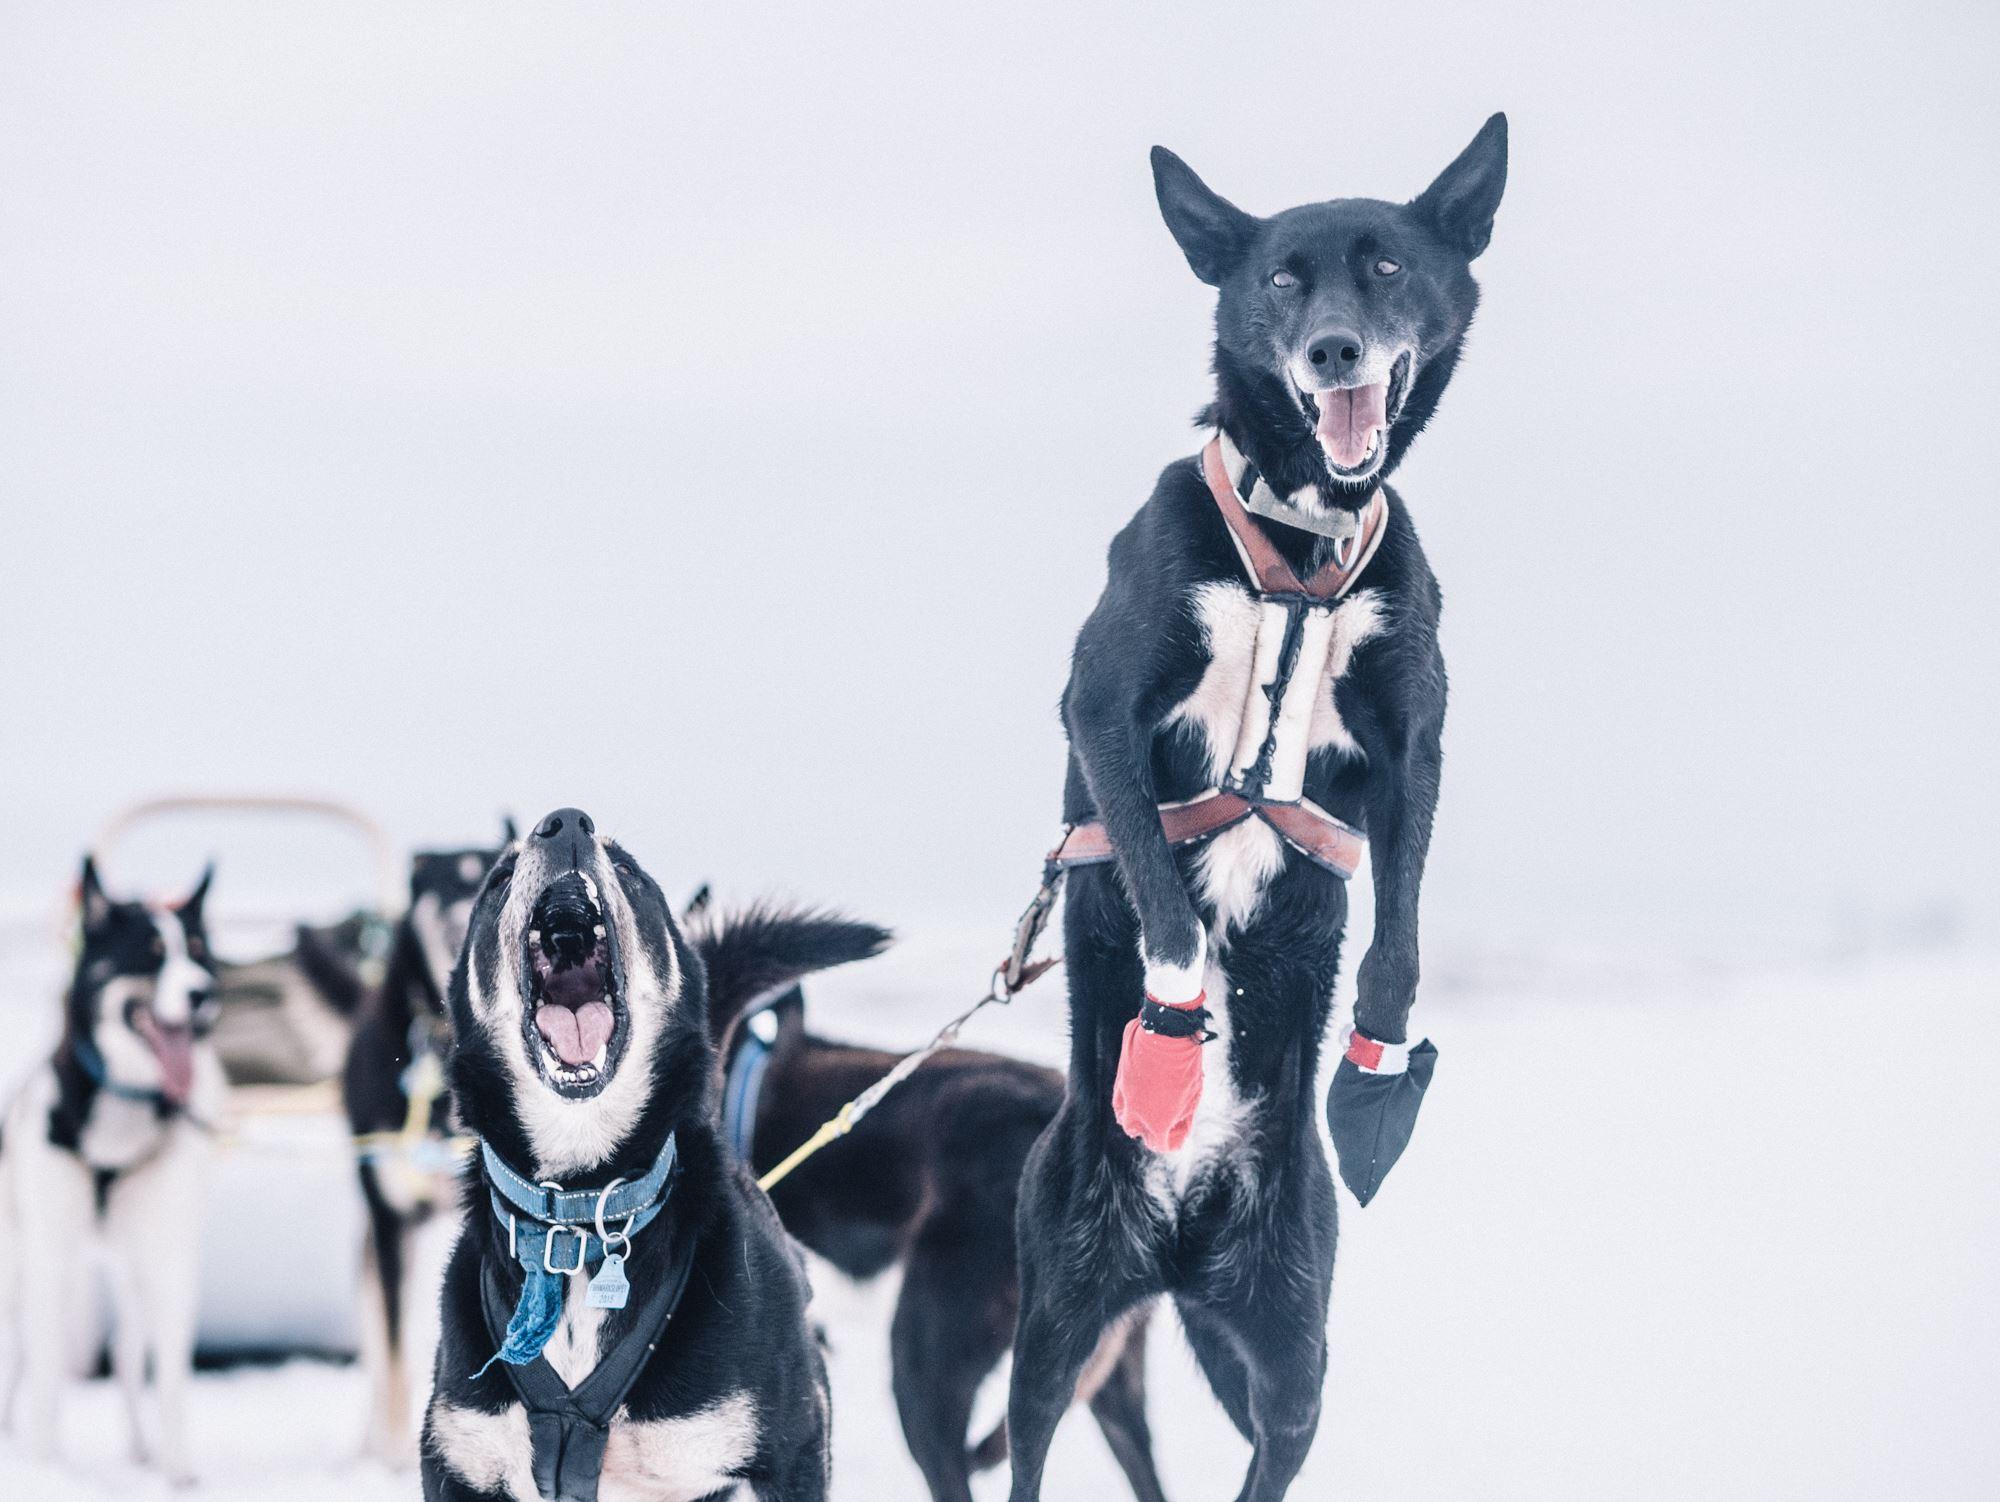 A taste of dog sledding